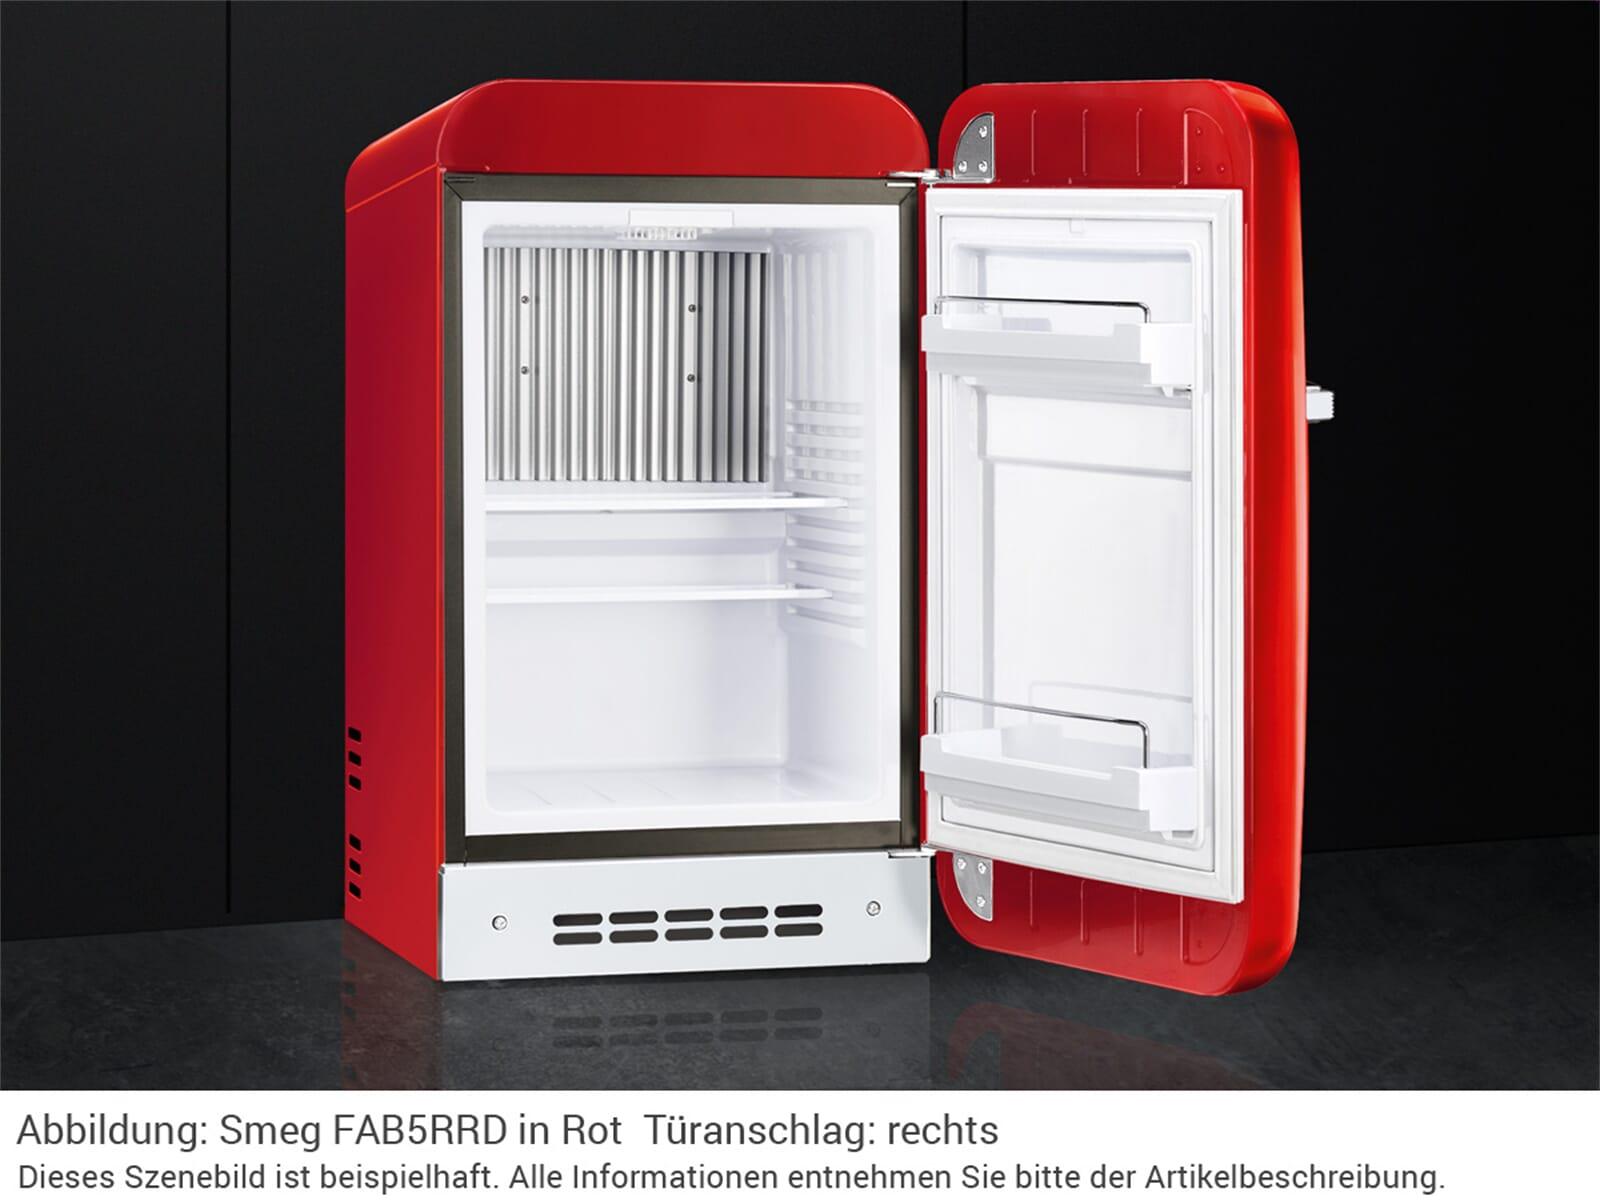 Smeg Kühlschrank Disney : Smeg kühlschrank fab preisvergleich: mickey mouse fans aufgepasst